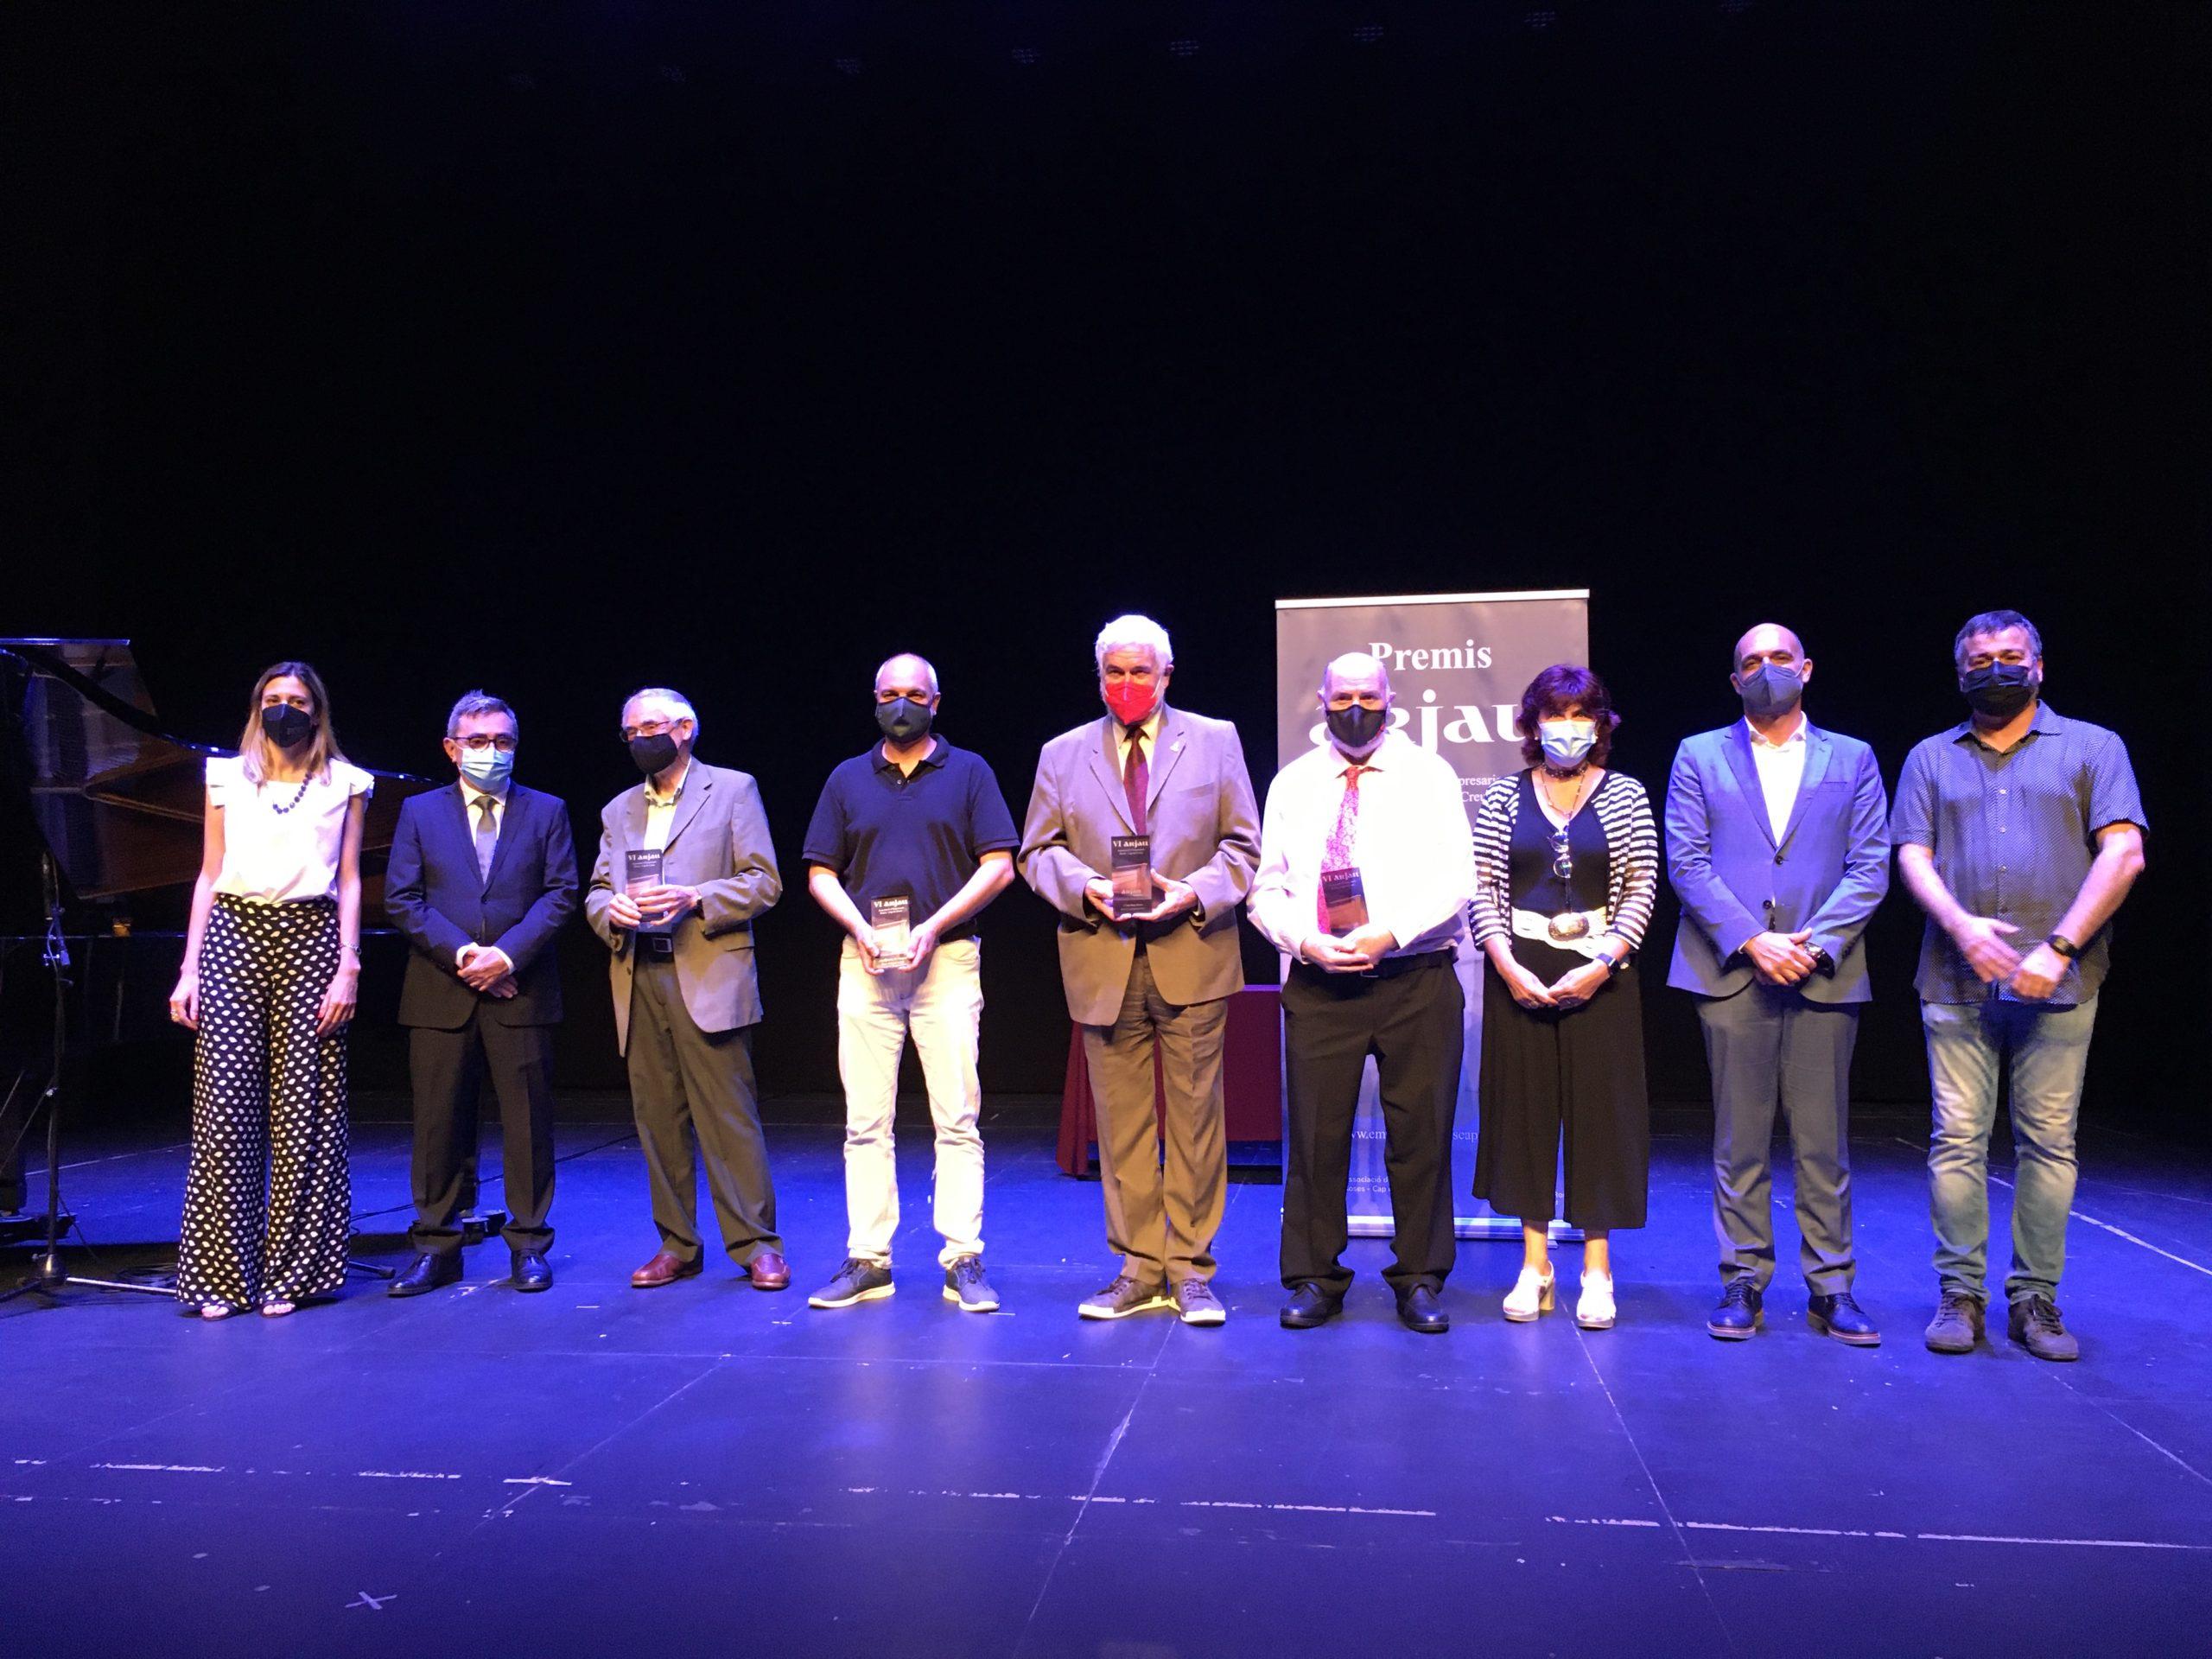 La Residència Pi i Sunyer, Càrites Roses, Creu Roja Roses-Castelló d'Empúries i Josep Maria Massot, premis Arjau 2021